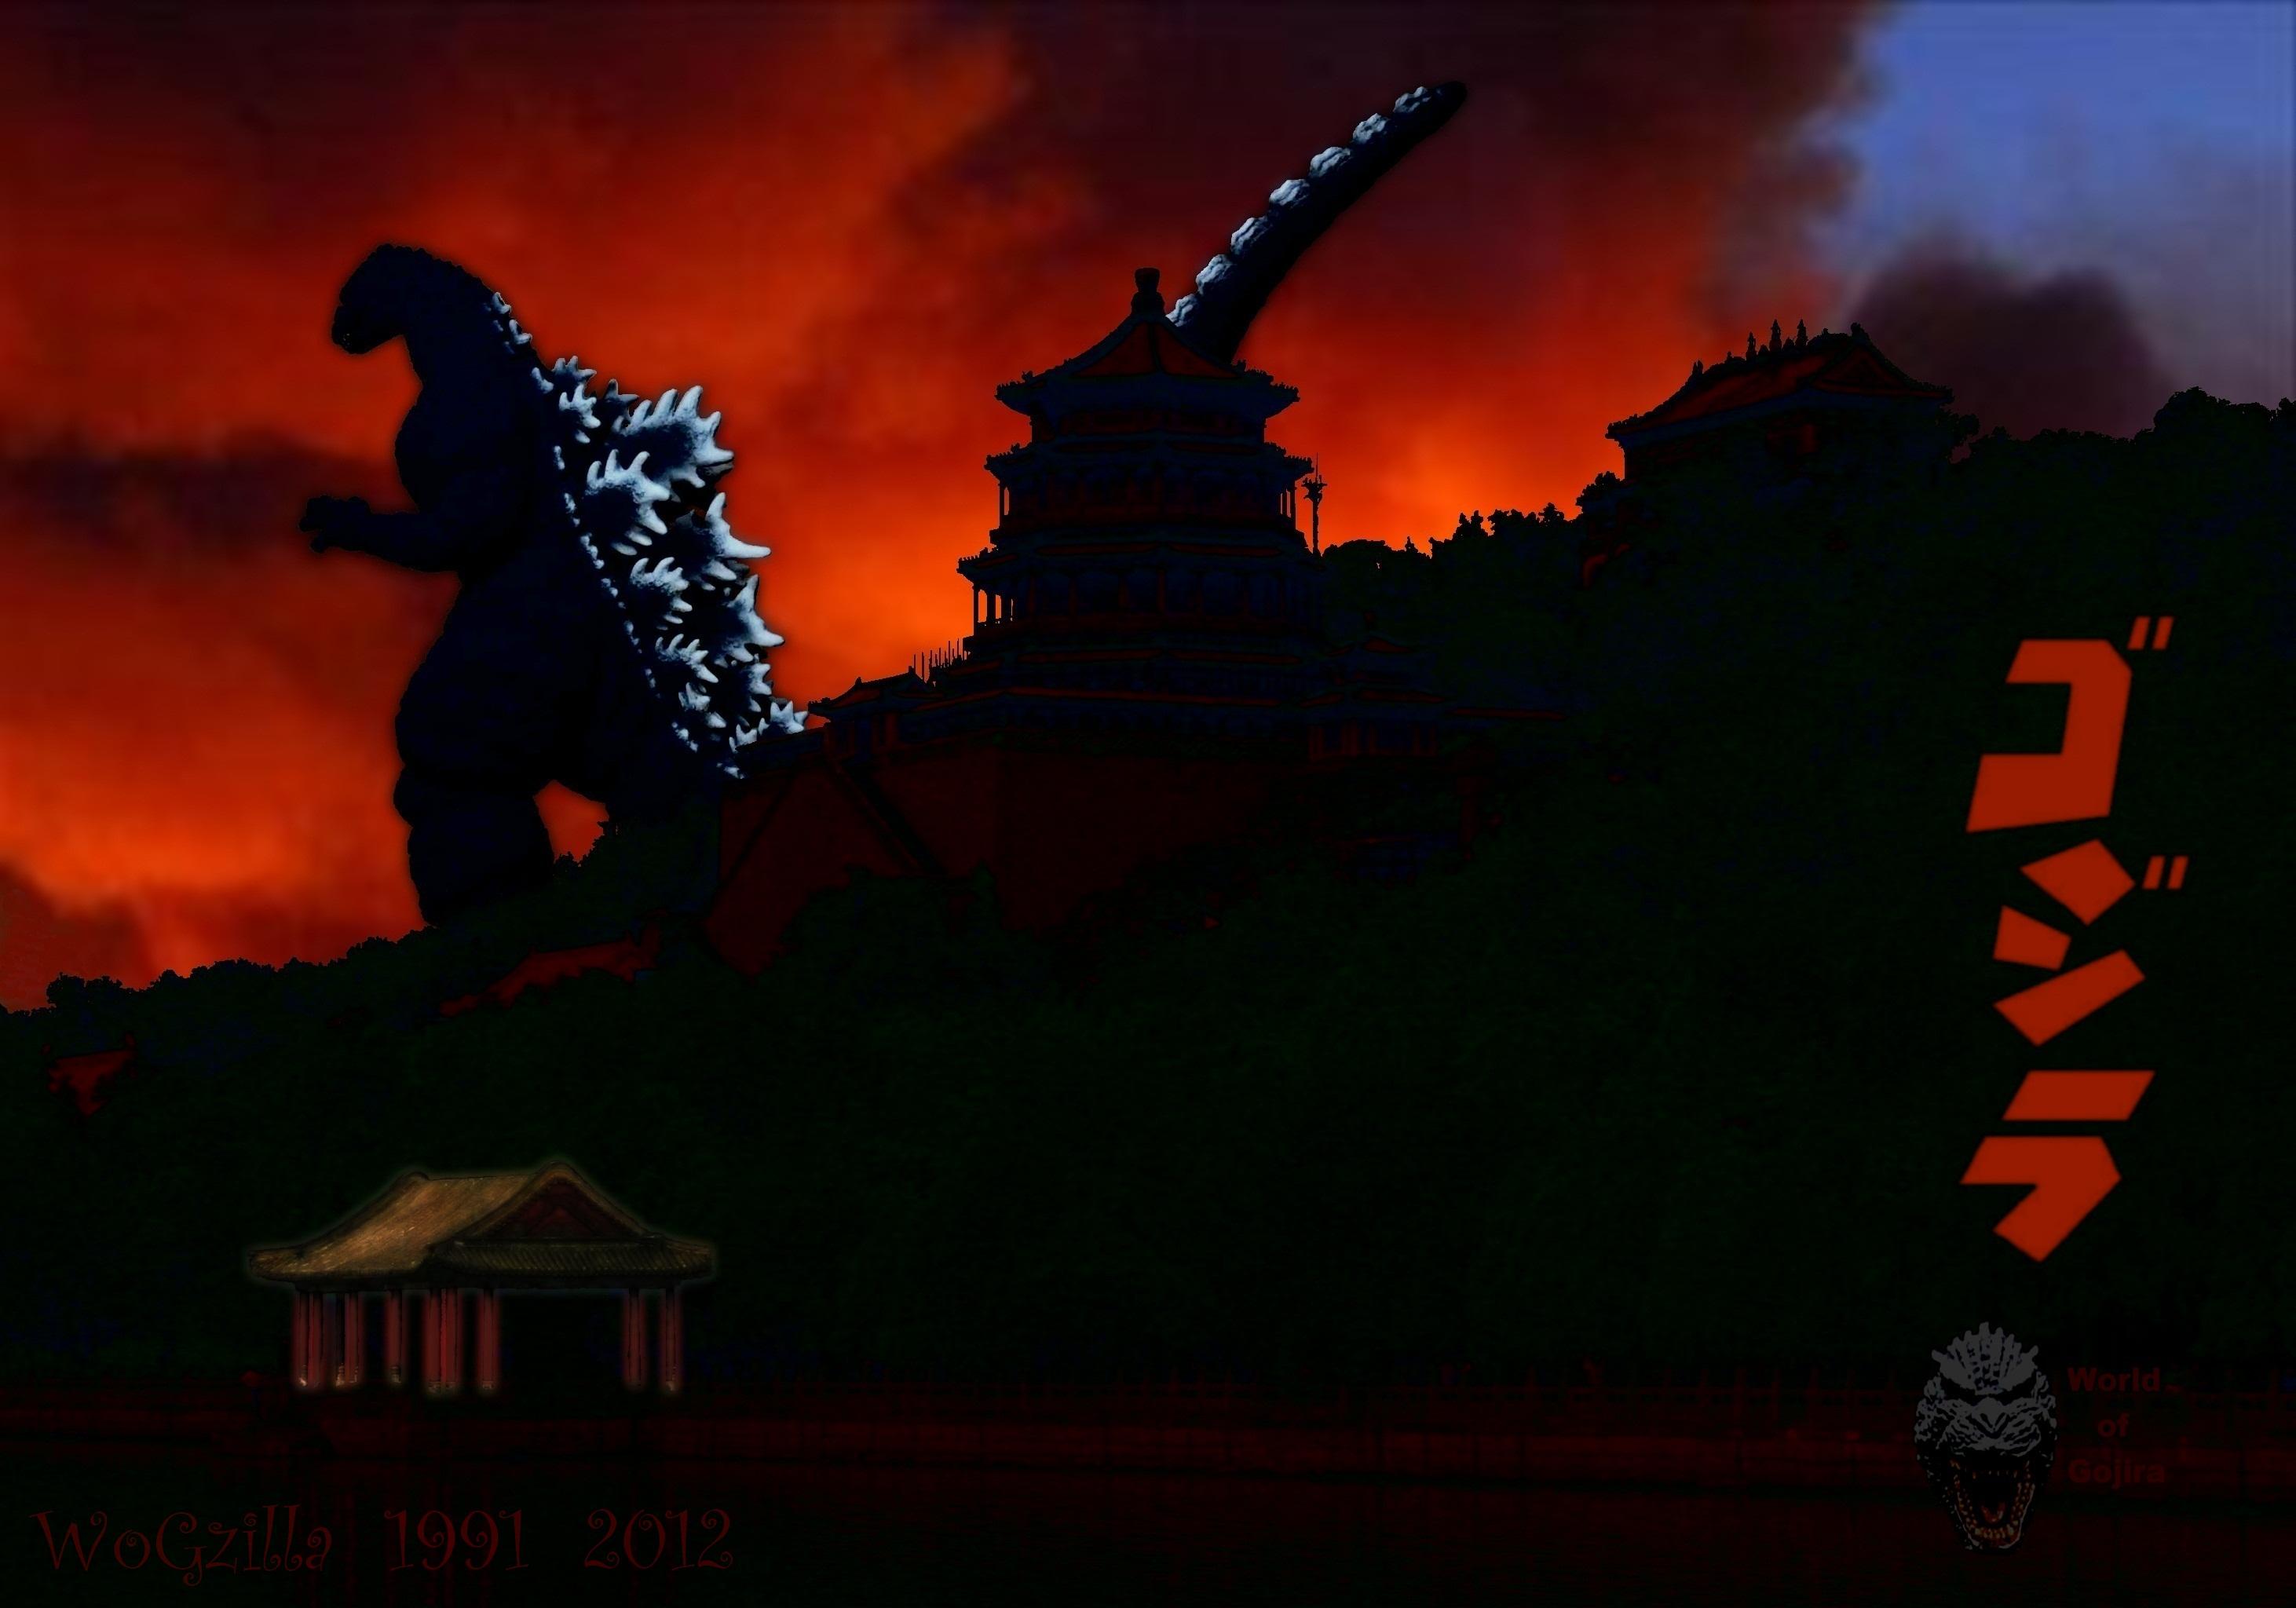 Godzilla 1991 by WoGzilla